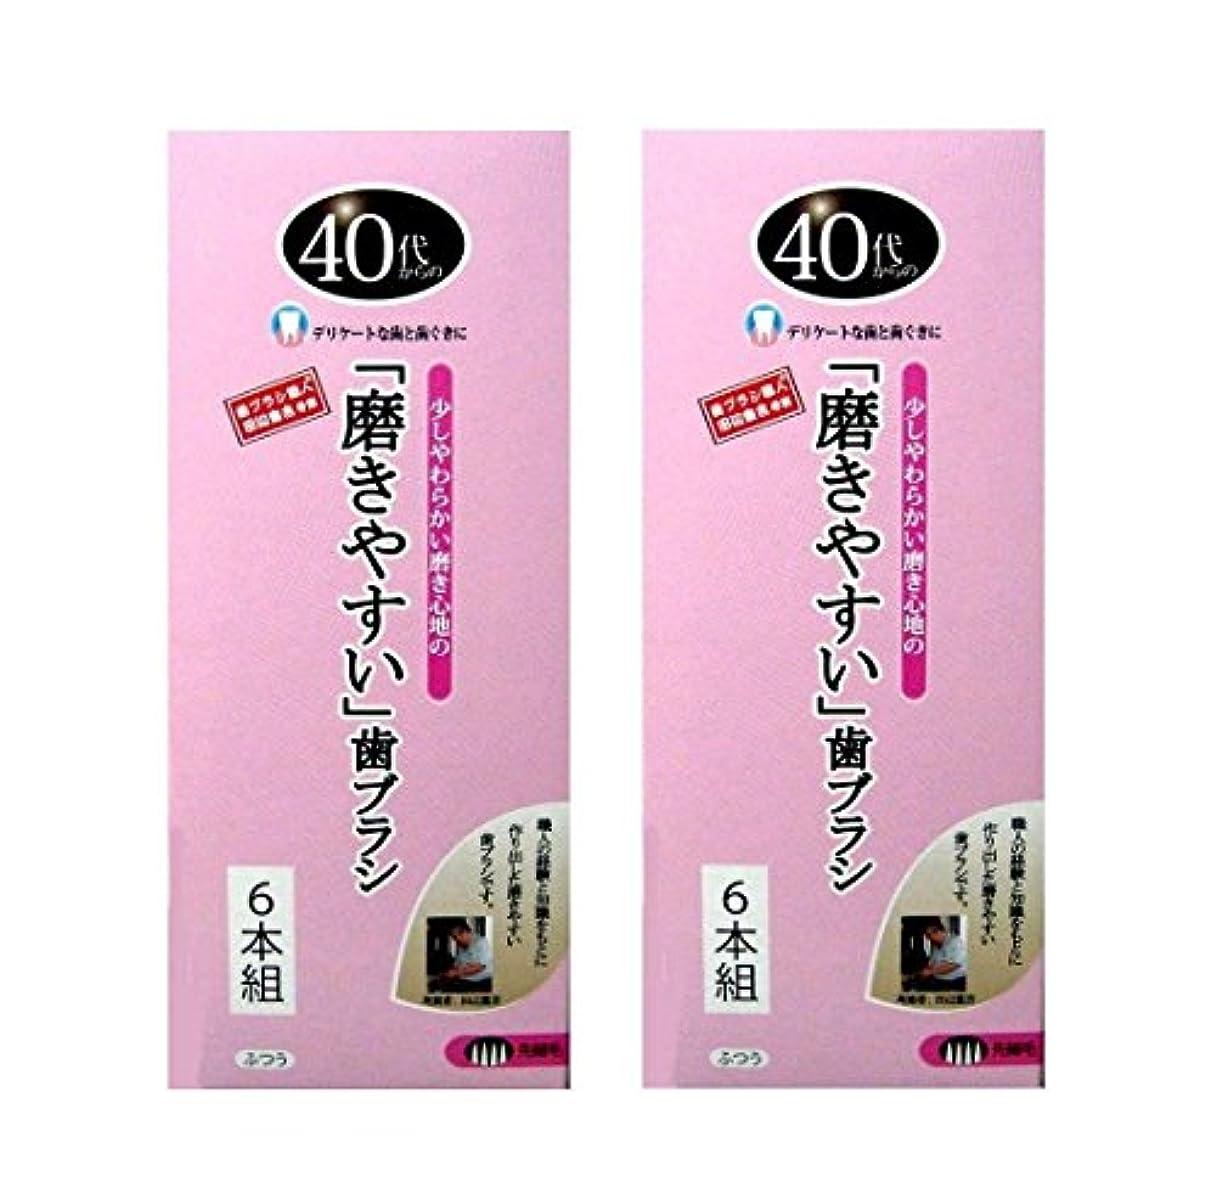 歯ブラシ職人 Artooth ® 田辺重吉の磨きやすい 40代からの歯ブラシ 歯ぐきにやさしい 細めの毛 先細毛 日本製 12本セットLT-15-12